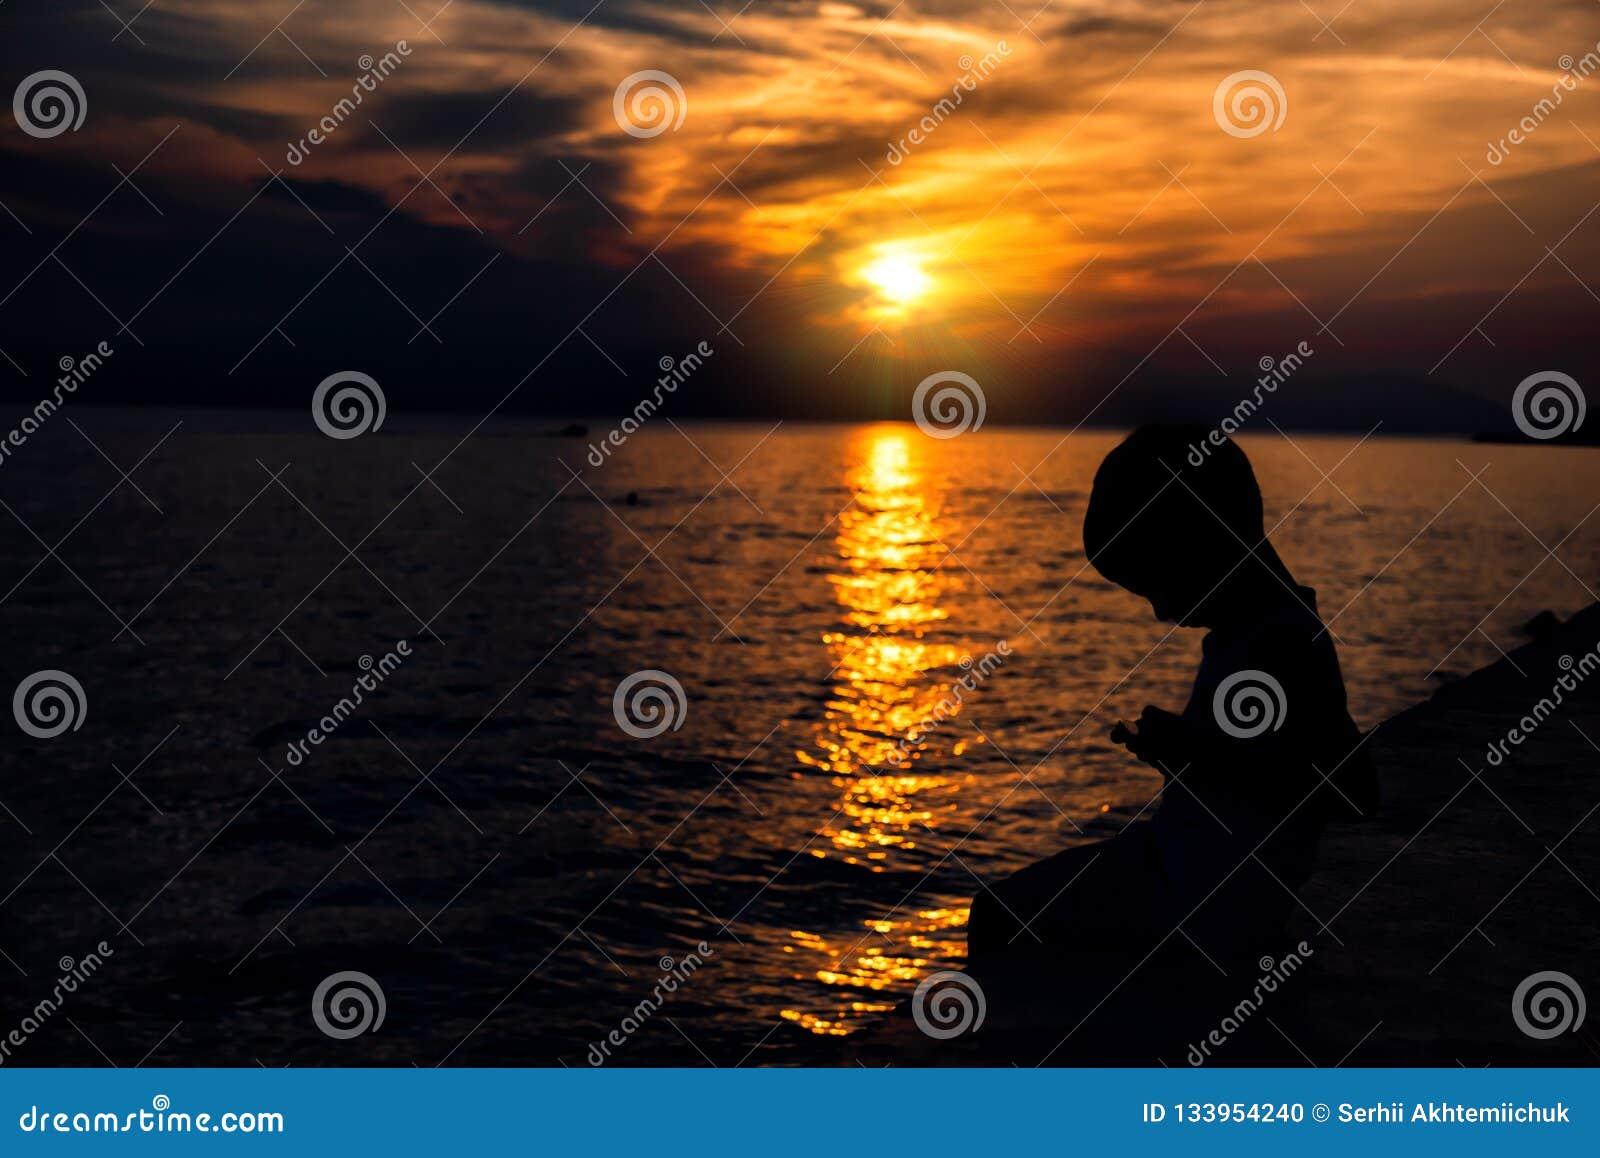 Ребенок смотрит в смартфон на предпосылке красивого захода солнца